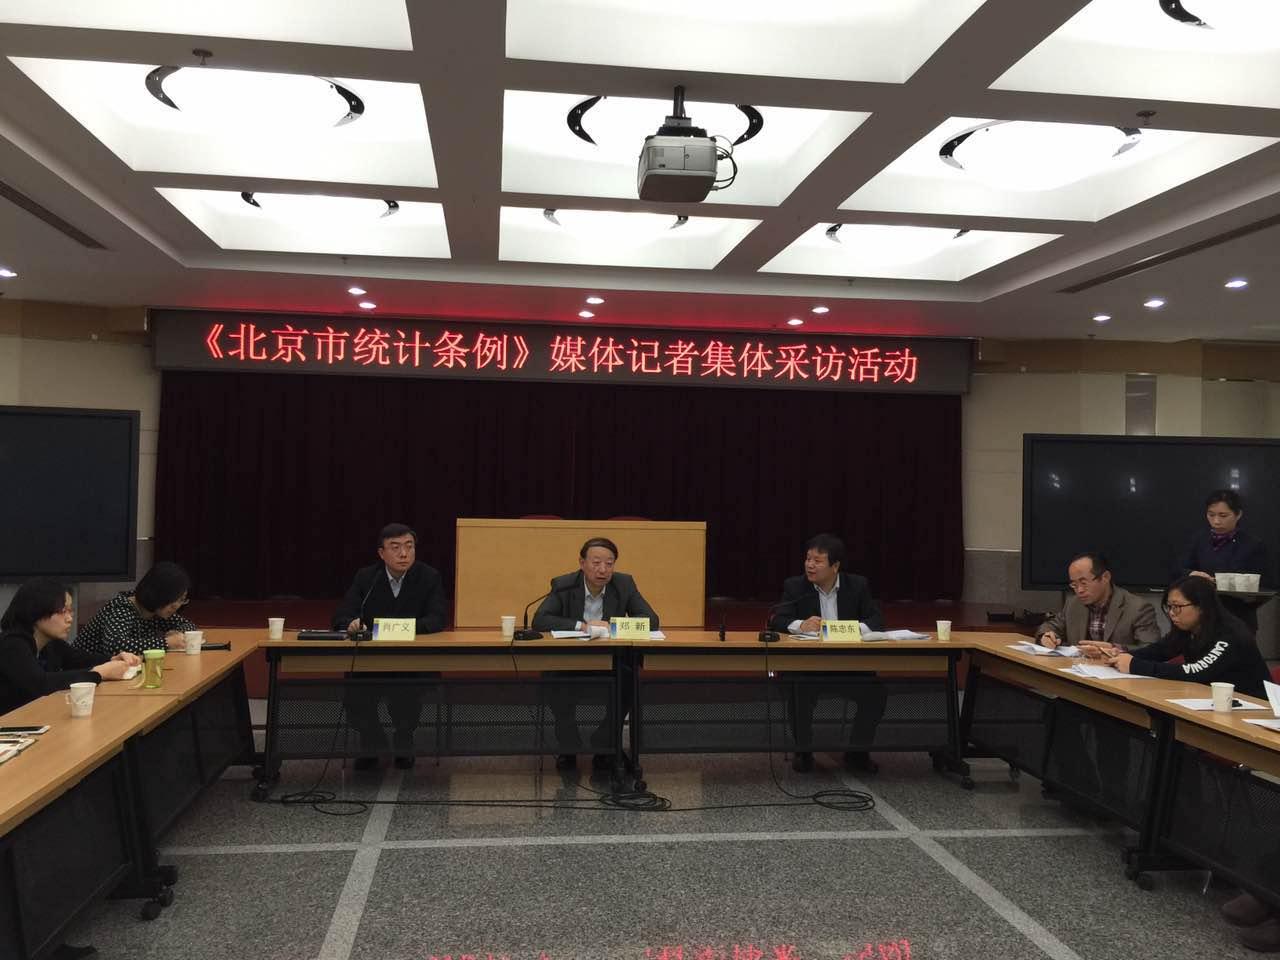 今日下午,记者从北京市统计局获悉,2015年11月27日,北京市新地方统计法规《北京市统计条例》(以下简称《条例》)在市十四届人大常委会第二十三次会议上全票通过,将于2016年1月1日起正式施行。